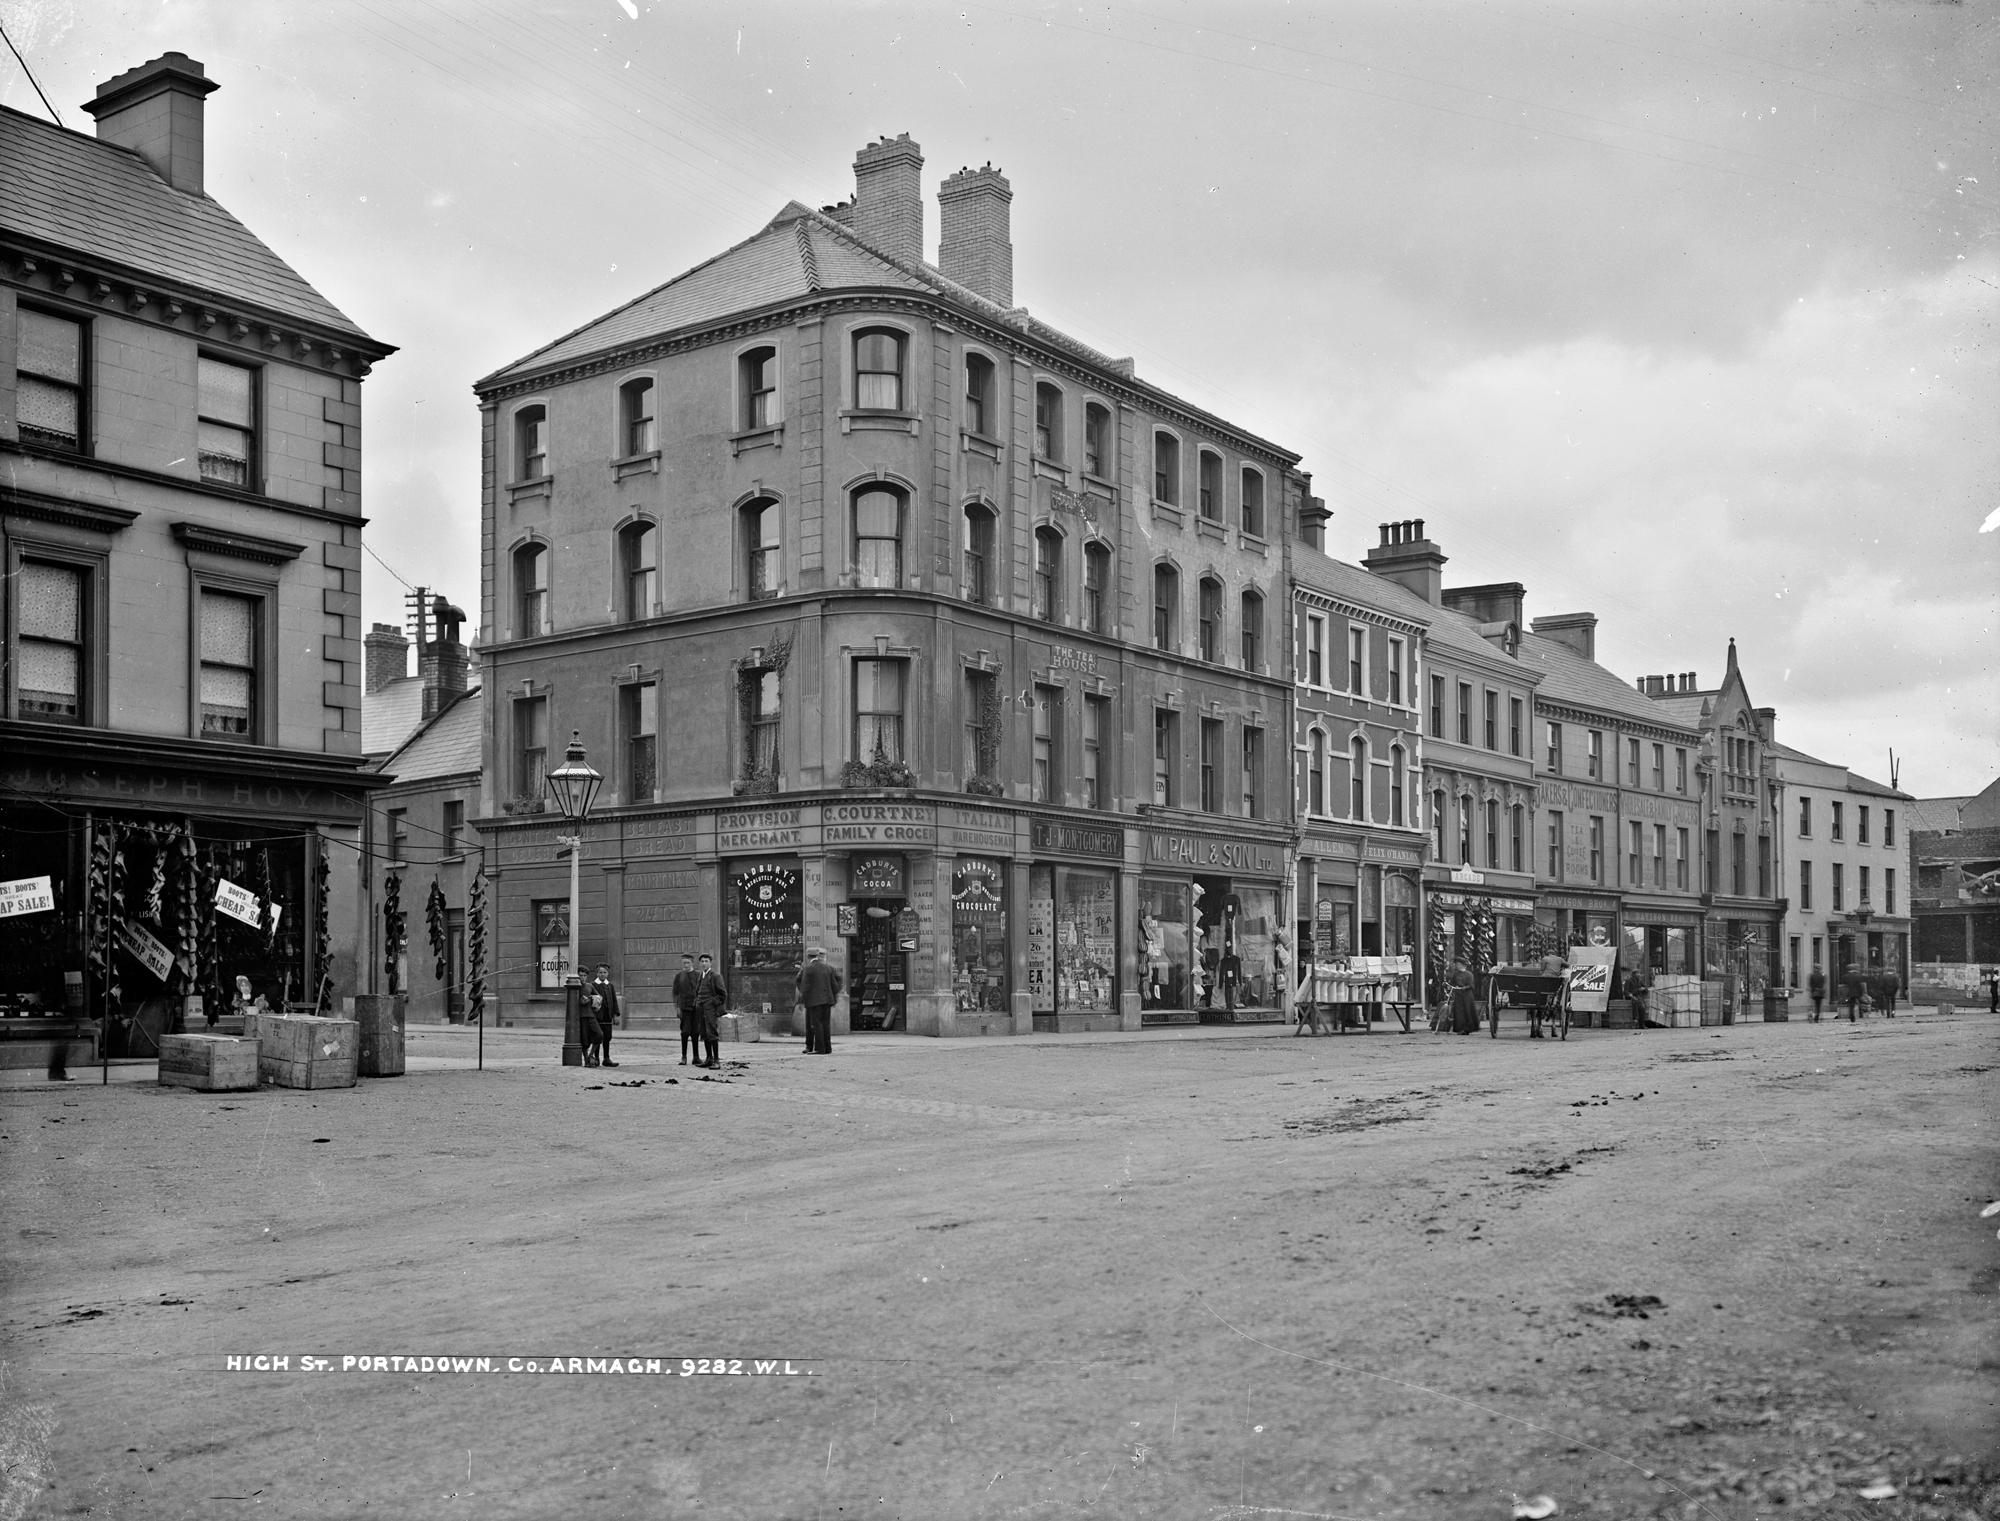 High Street, Portadown